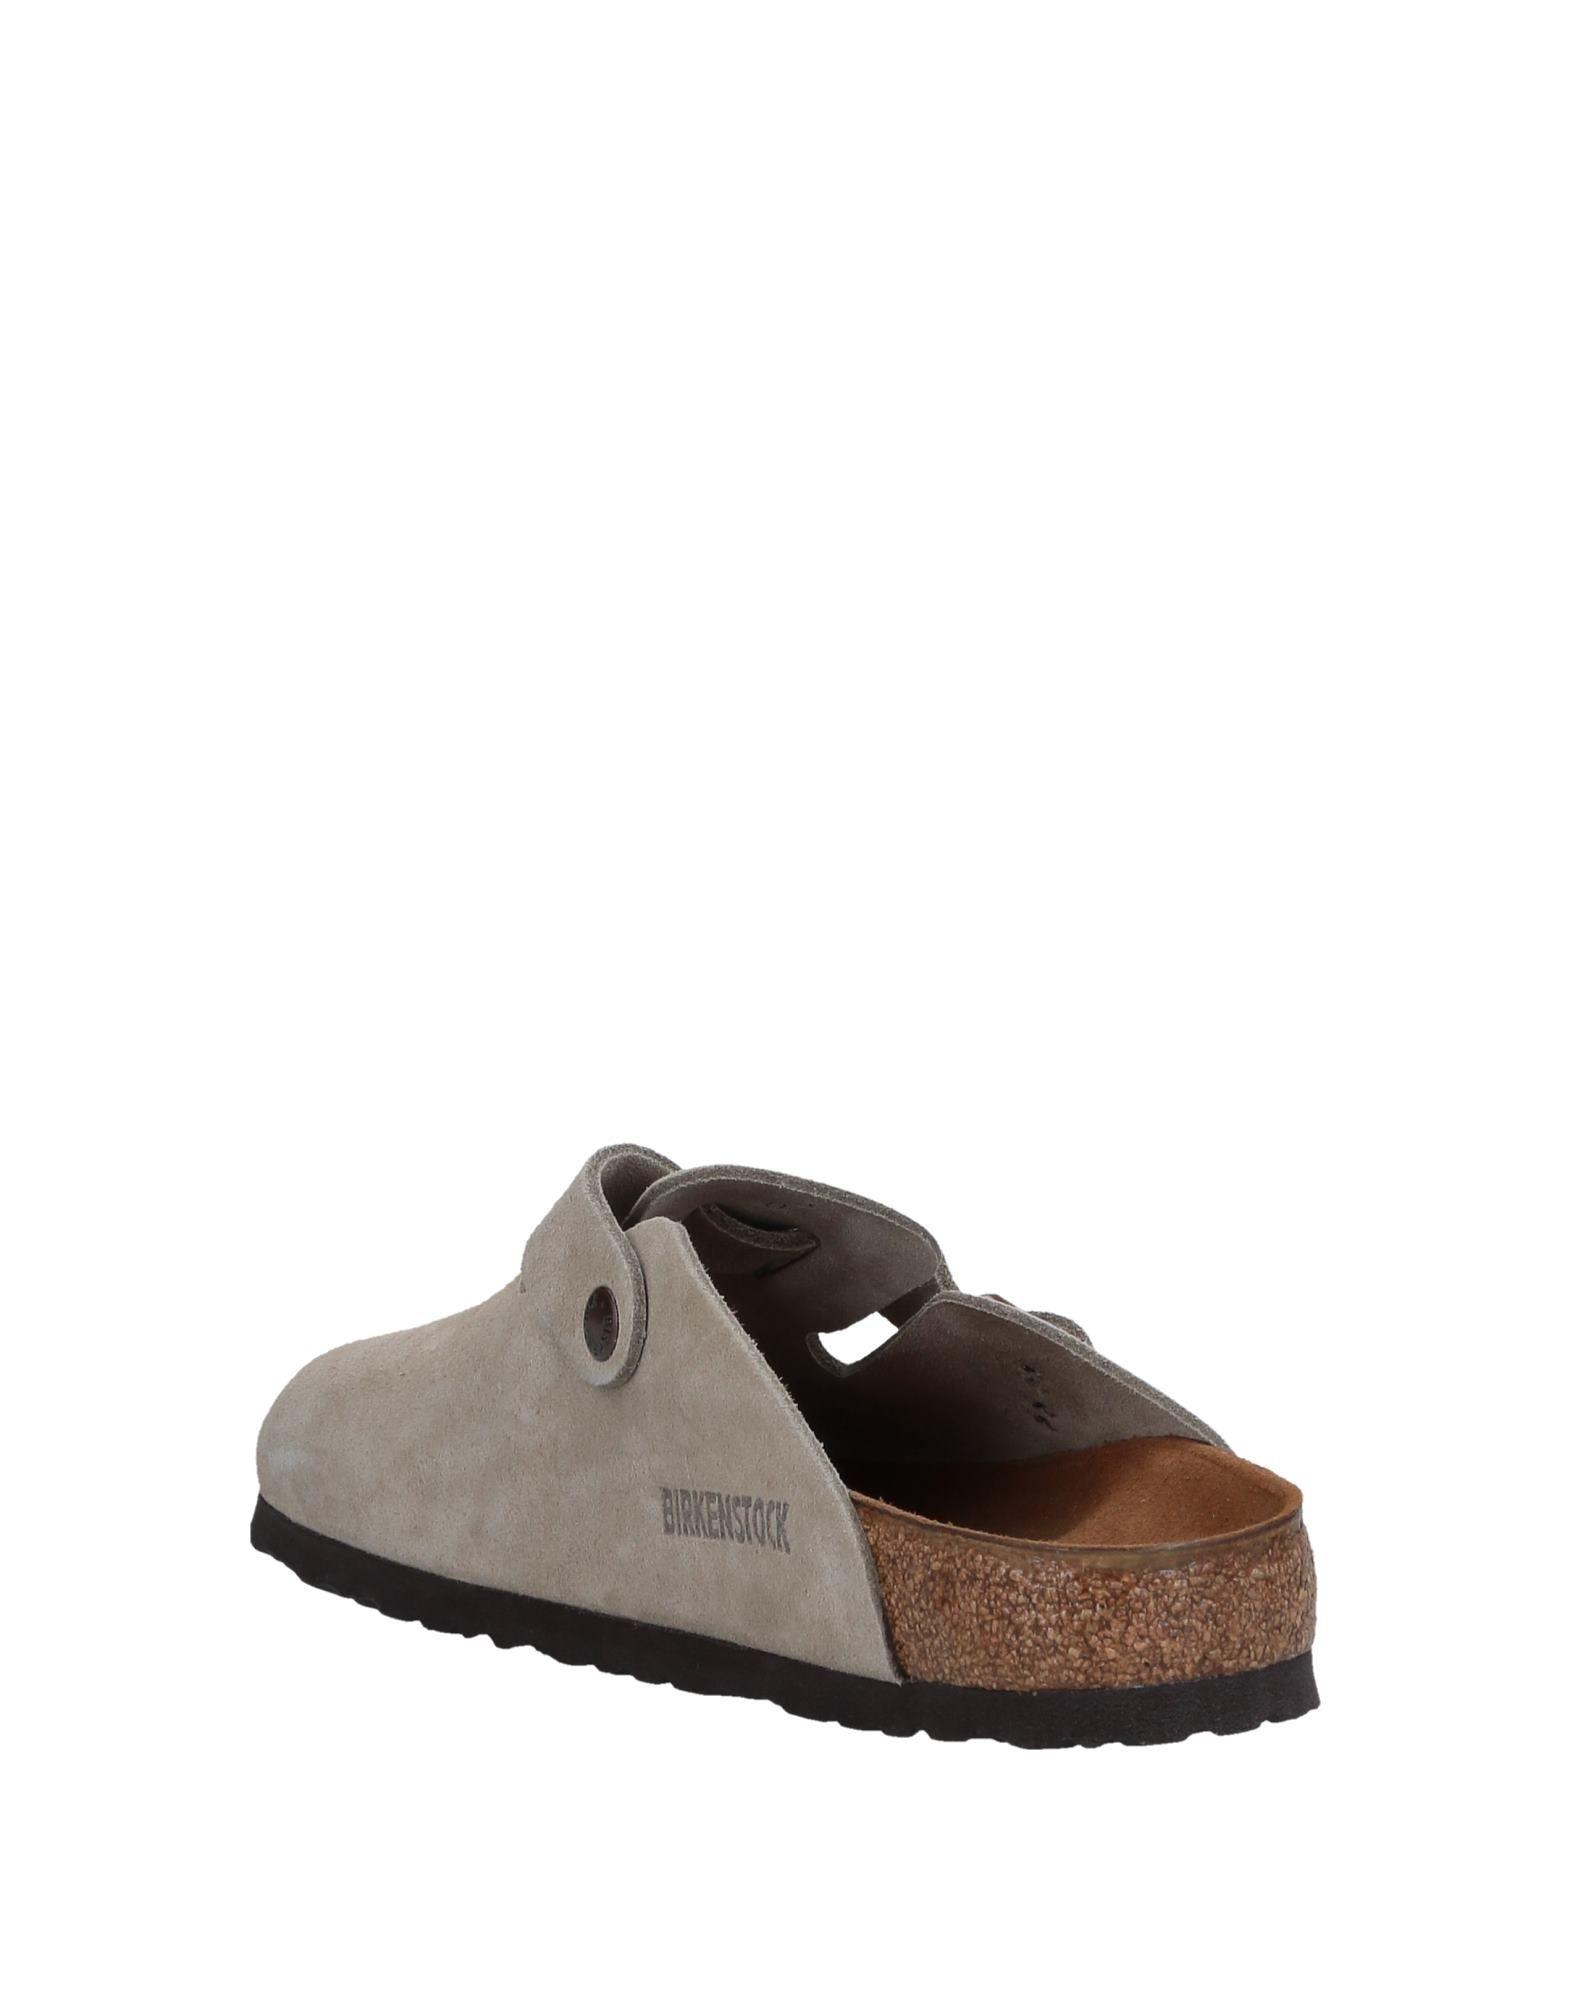 Birkenstock Slippers online - Men Birkenstock Slippers online Slippers on  United Kingdom - 11289390FK d9b9ca